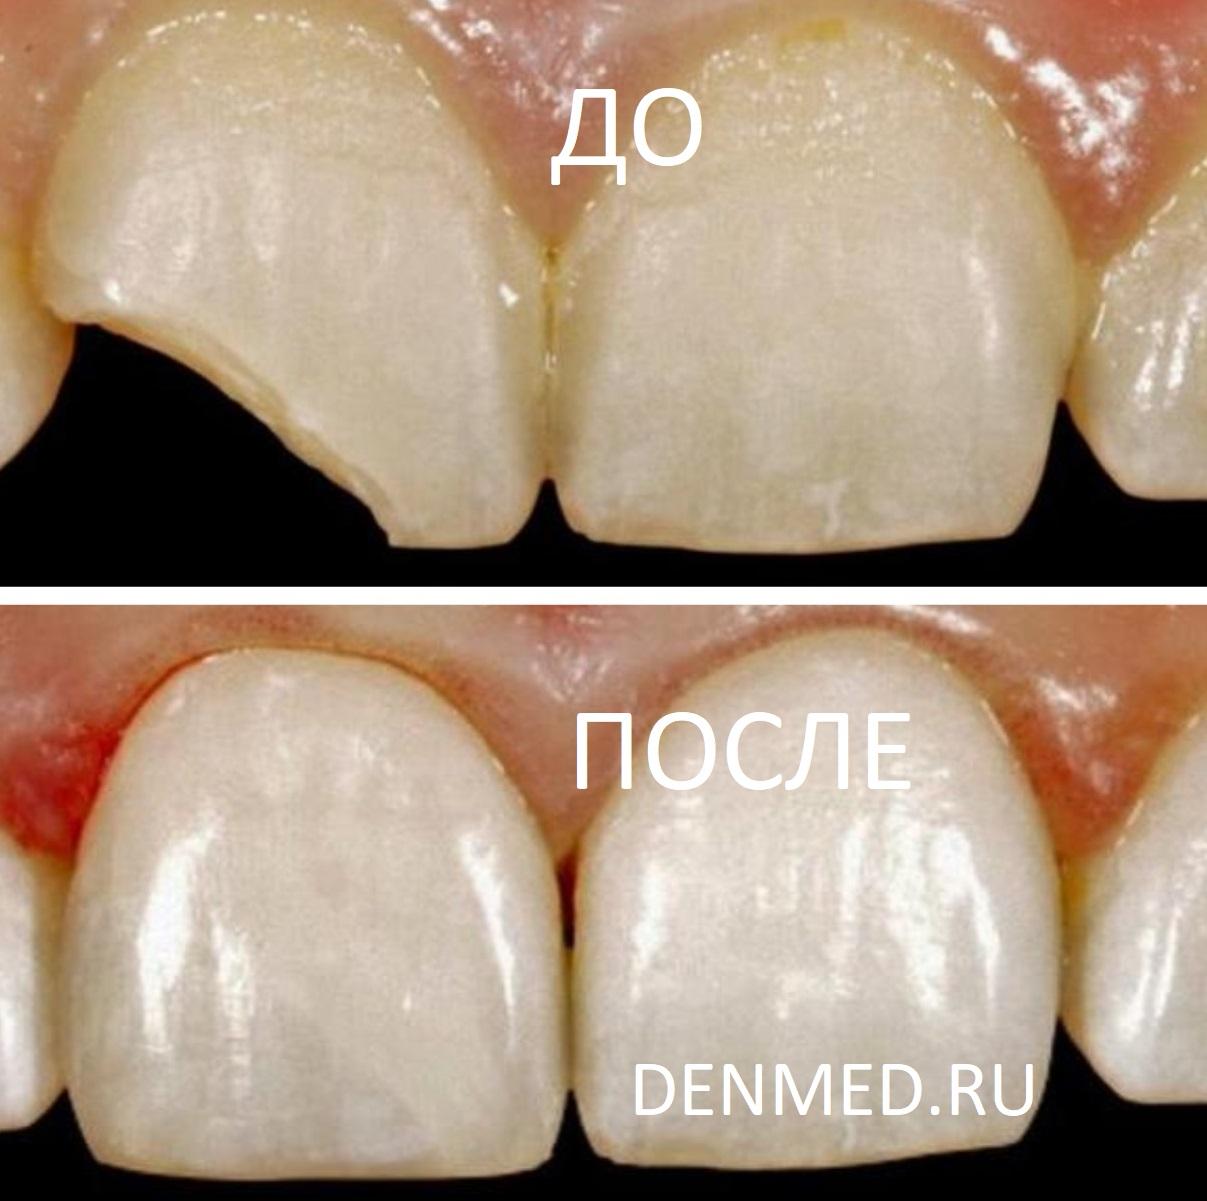 Восстановление скола переднего зуба у ребенка в клинике ДенМед